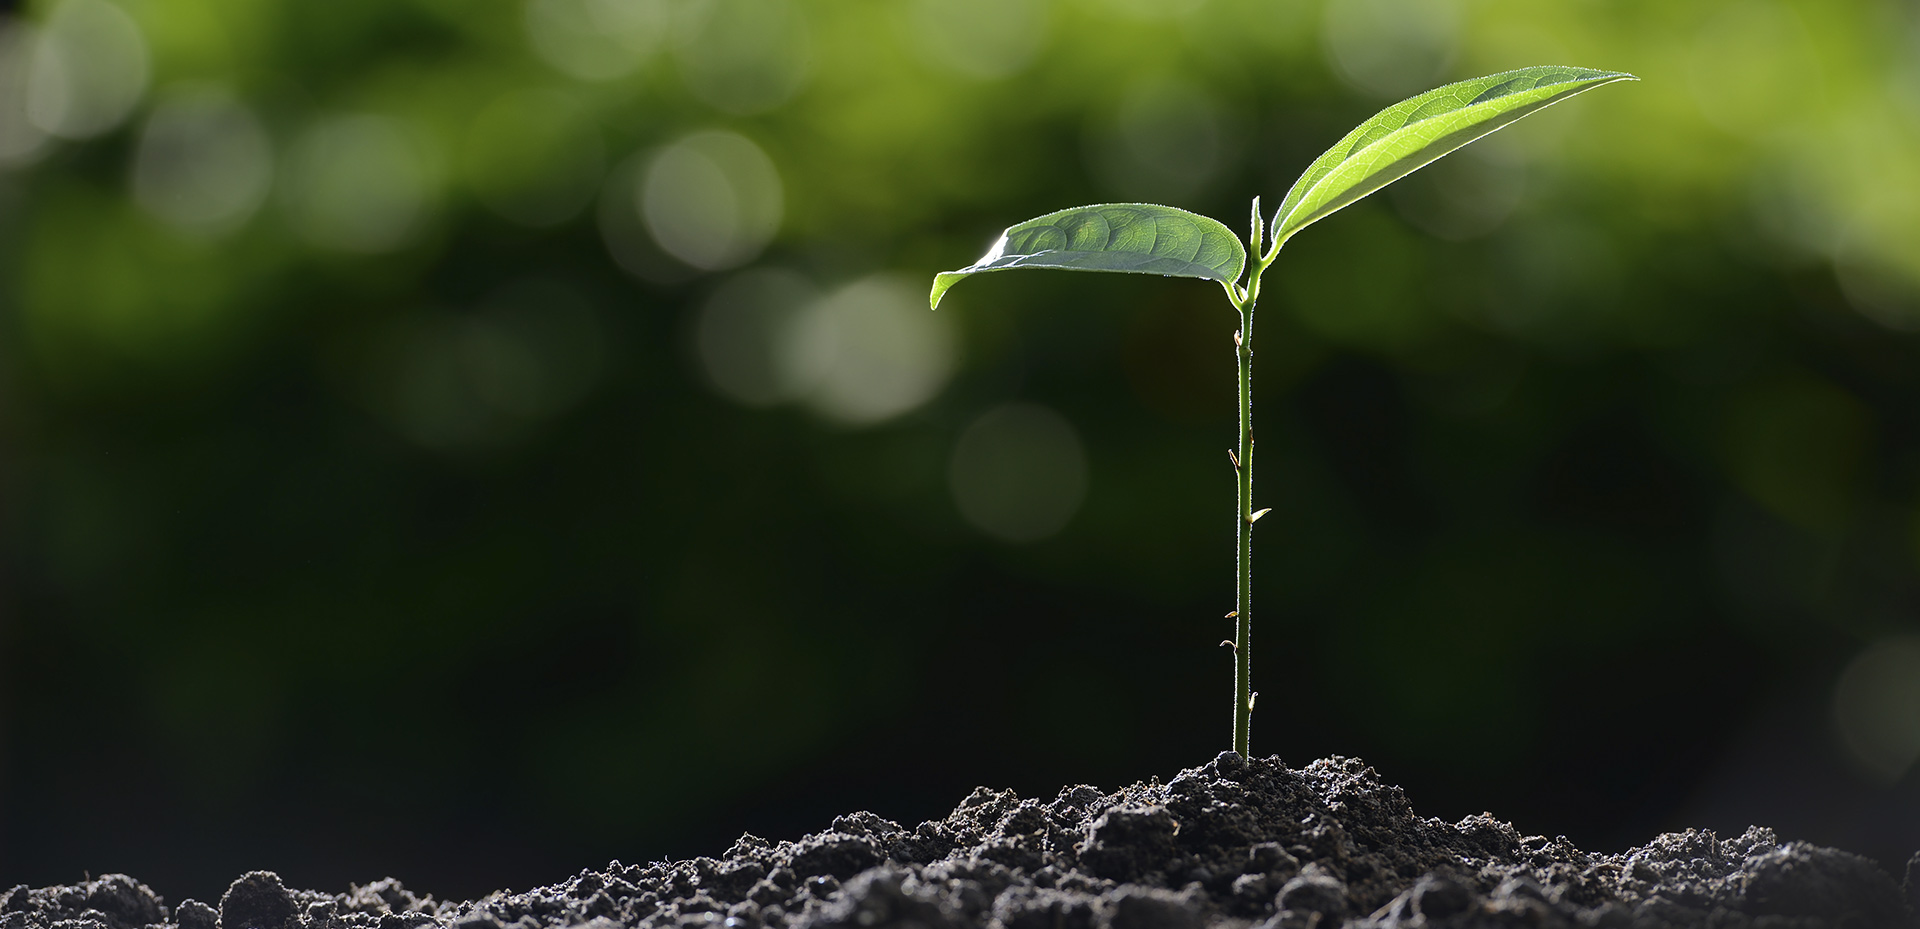 Desde FERLASA ayudamos a cultivar esperanza y cosechar futuro.